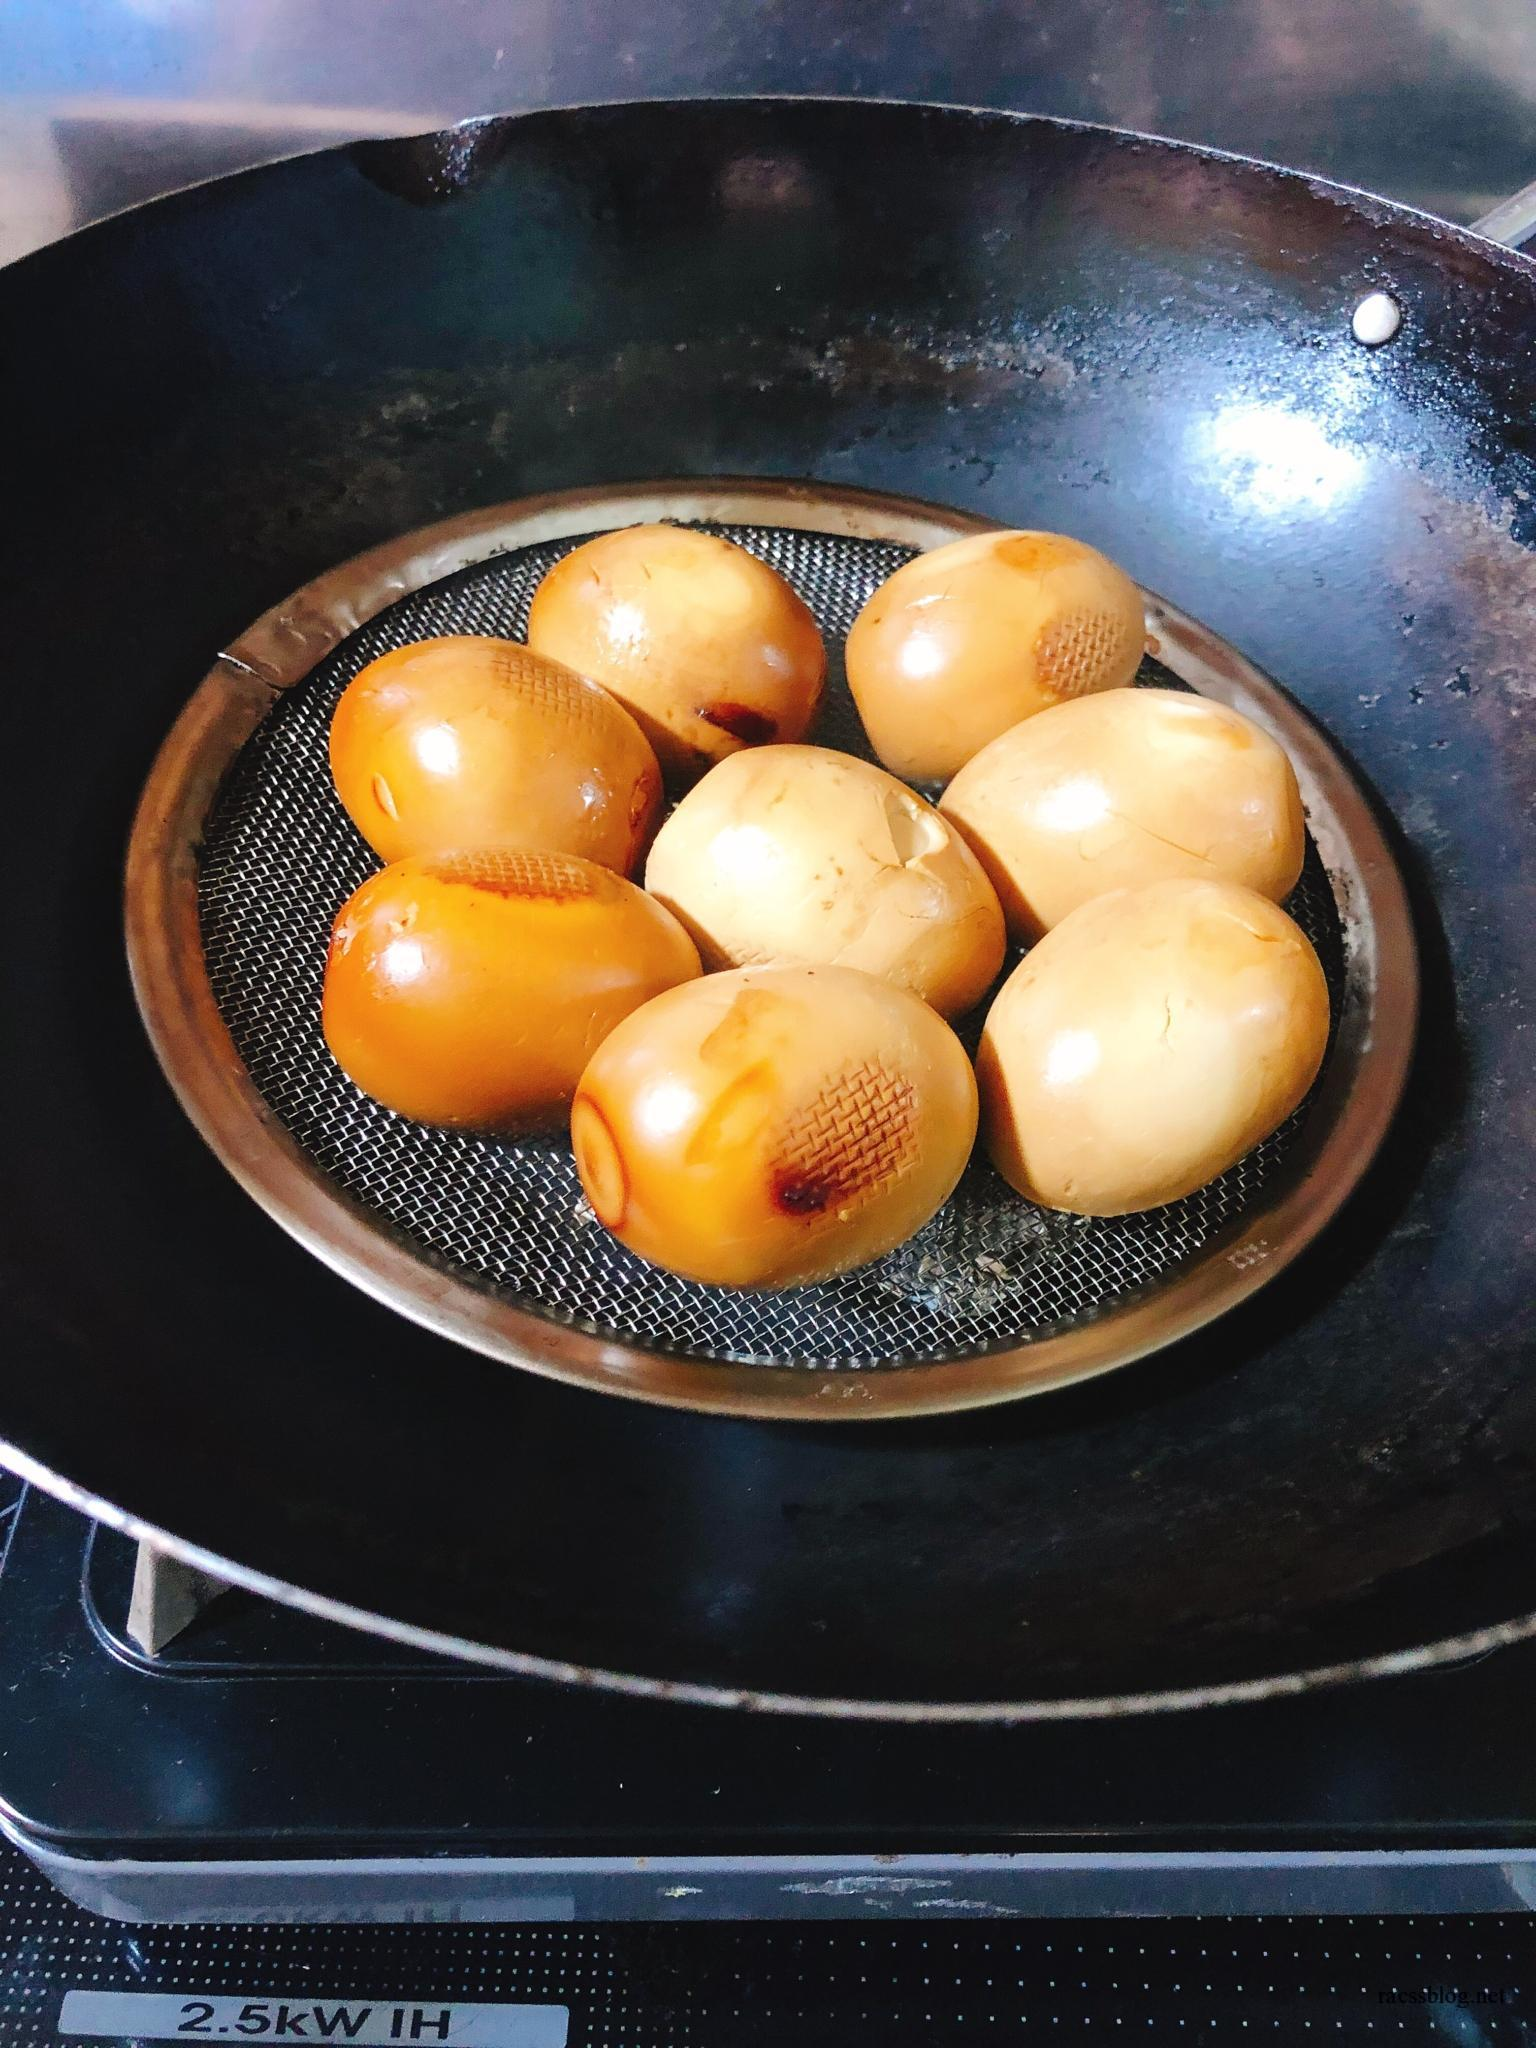 やってみて!燻製かんたんレシピ|自宅の中華鍋やフライパンで作るスモークおつまみ